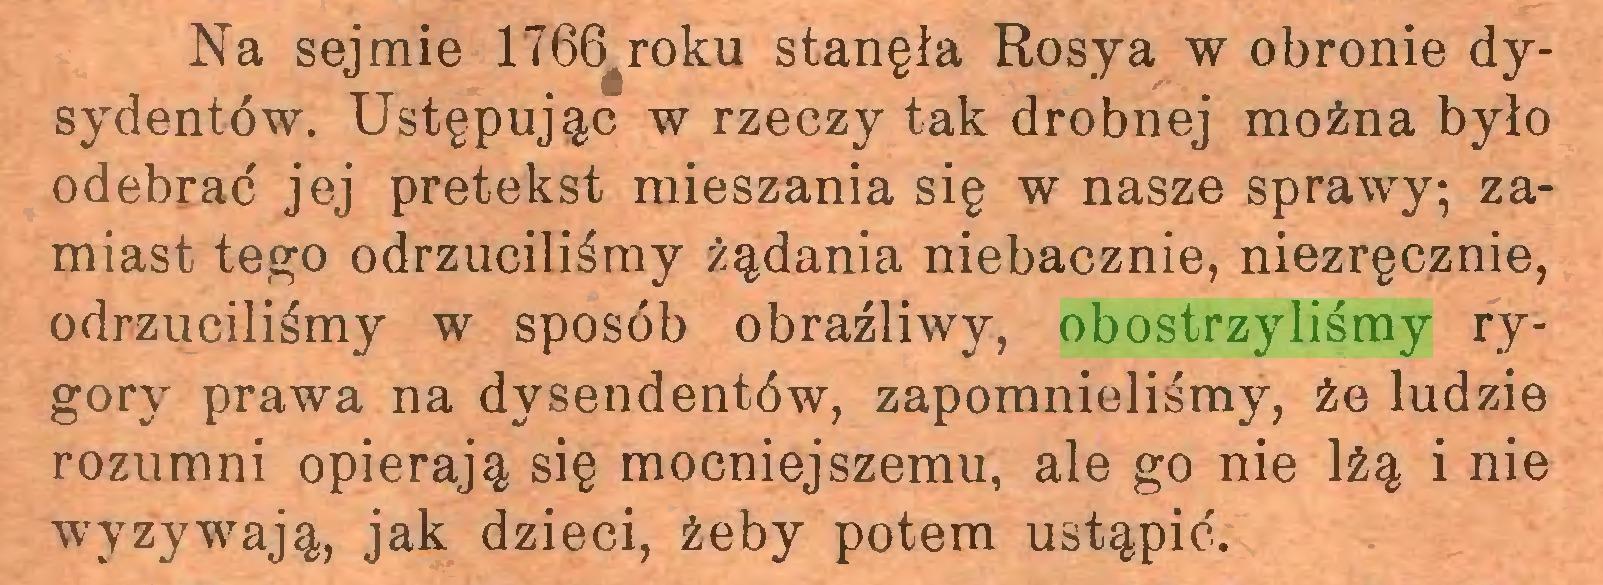 (...) Na sejmie 1766 roku stanęła Rosya w obronie dysydentów. Ustępując w rzeczy tak drobnej można było odebrać jej pretekst mieszania się w nasze sprawy; zamiast tego odrzuciliśmy żądania niebacznie, niezręcznie, odrzuciliśmy w sposób obraźliwy, obostrzyliśmy rygory prawa na dysendentów, zapomnieliśmy, że ludzie rozumni opierają się mocniejszemu, ale go nie lżą i nie wyzywają, jak dzieci, żeby potem ustąpić...